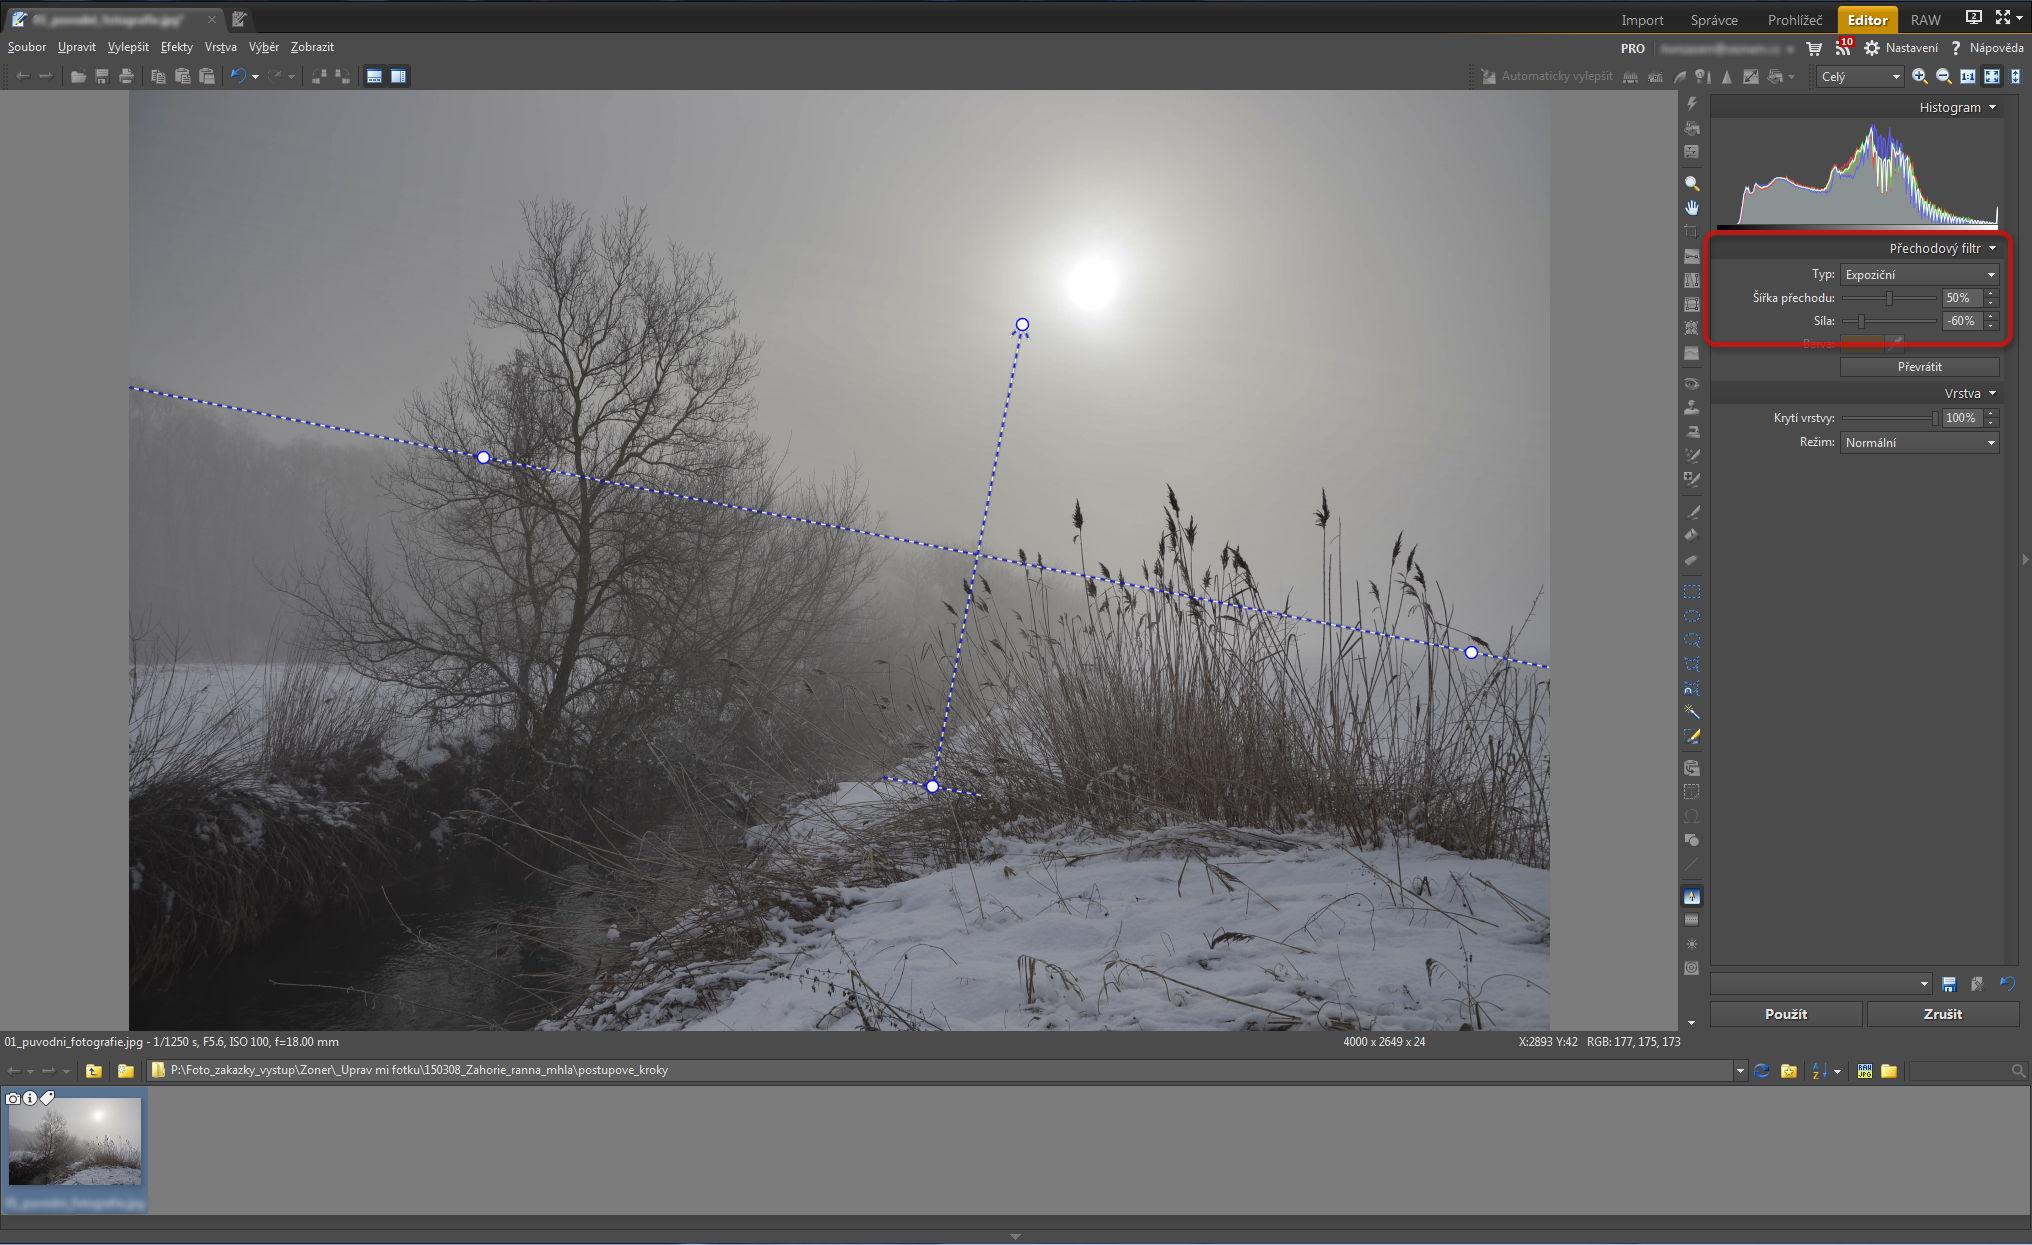 Vyrovnání jasu oblohy s jasem popředí pomocí přechodového filtru